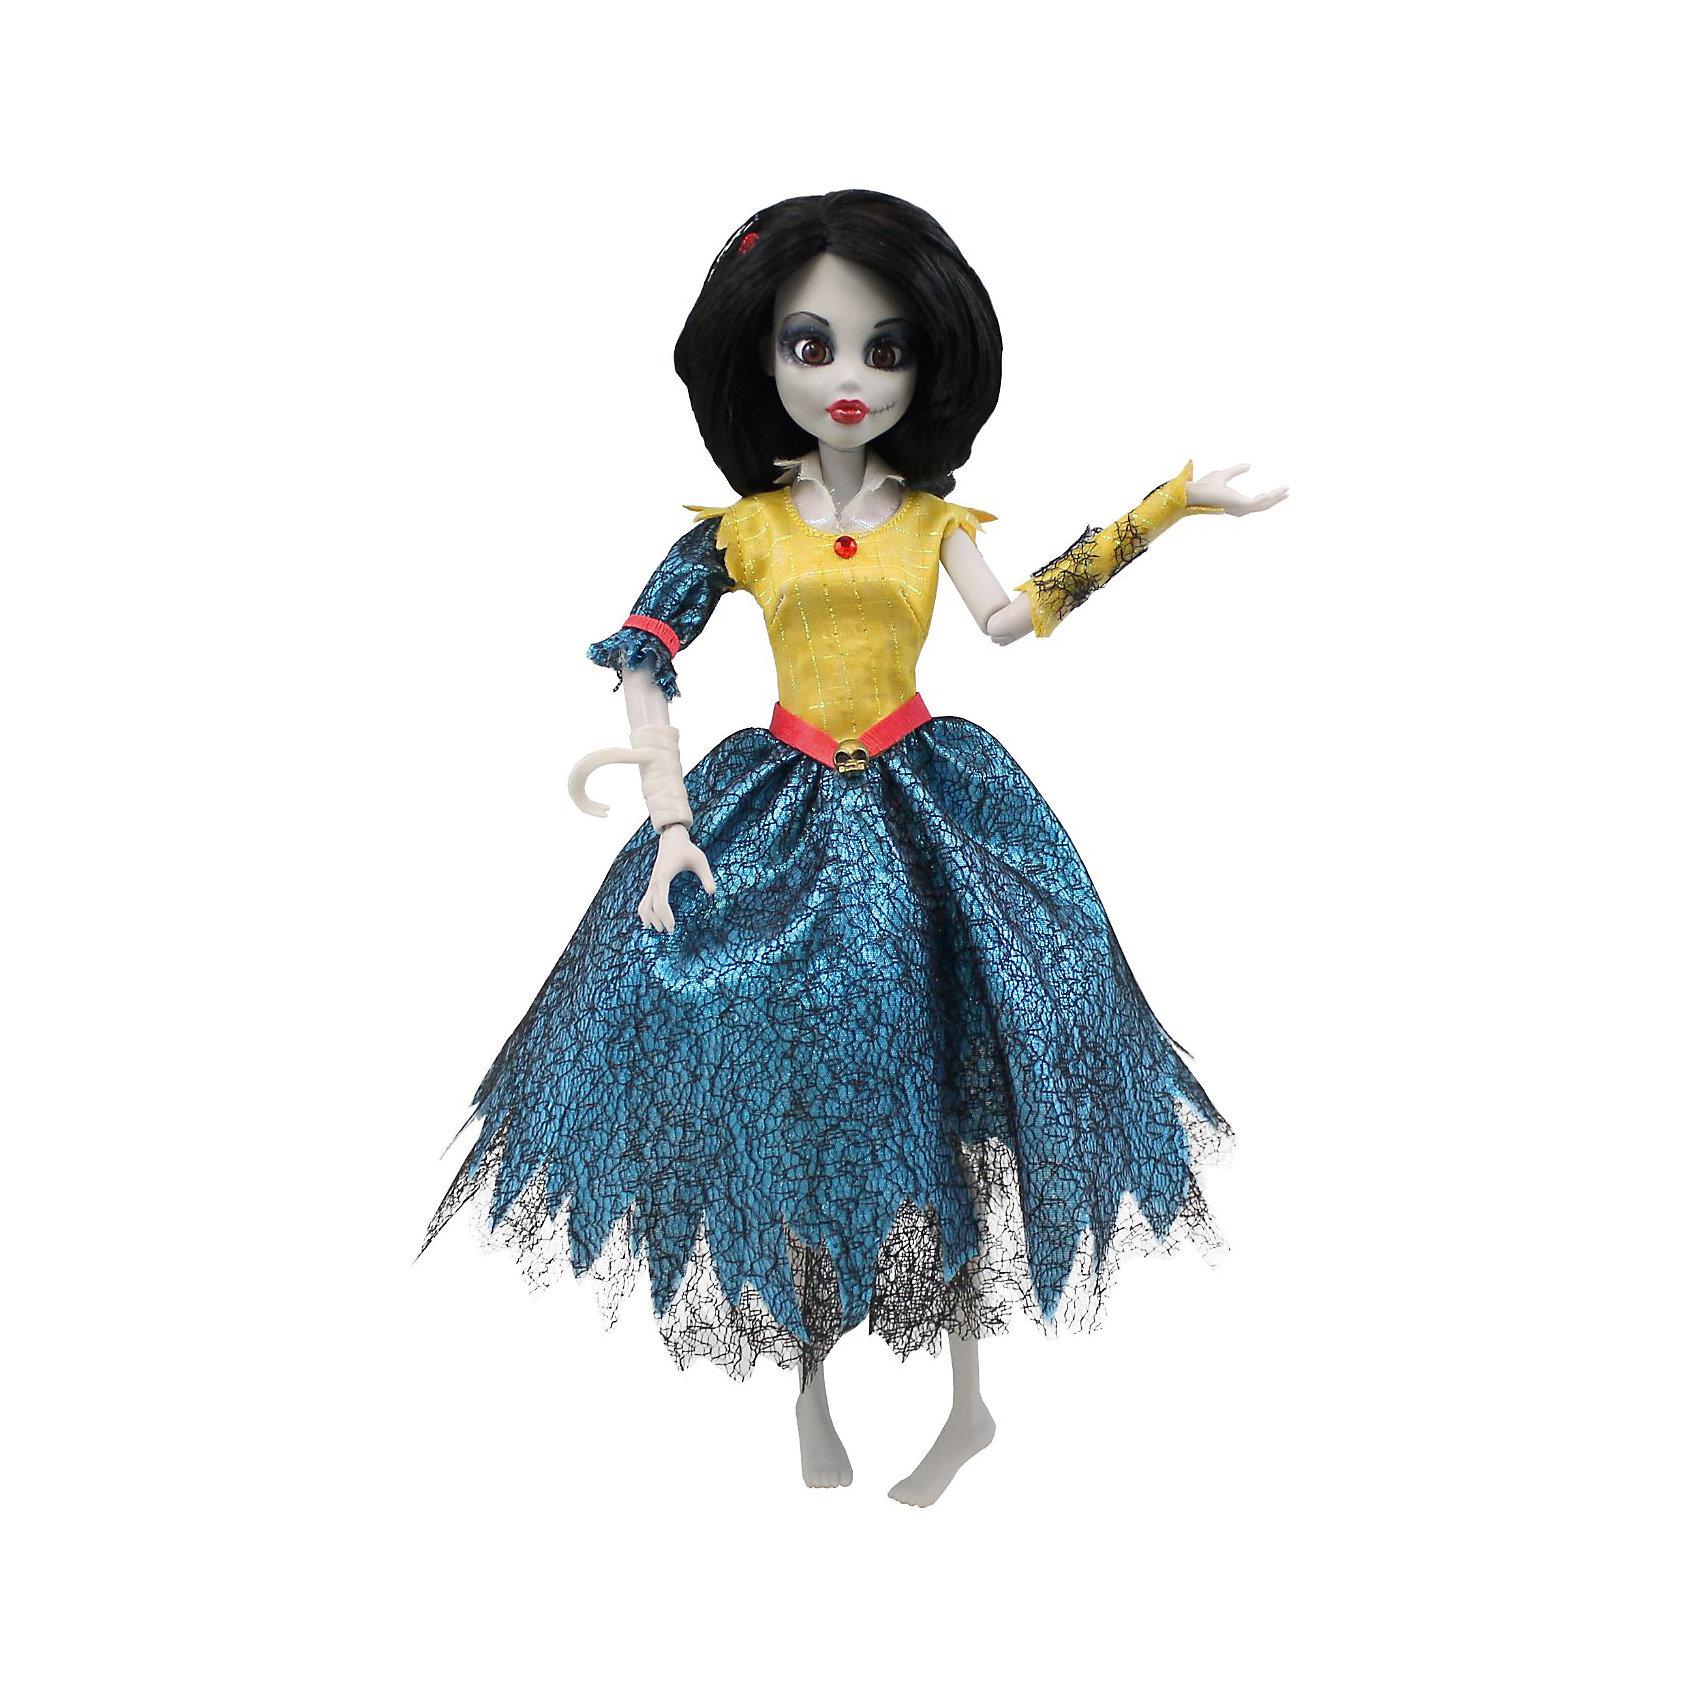 Кукла Зомби Белоснежка, WowWeeБренды кукол<br>Кукла Зомби: Белоснежка от WowWee - это сказочный персонаж , превращенный в загадочную и холодную принцессу-зомби. Несмотря на превращение, принцесса не утратила своей красоты, даже наоборот, приобрела определенный потусторонний шарм и очарование. Темные волосы куклы уложены в изысканную прическу. Белоснежка одета в прекрасное  платье с приталенным желтым лифом, пышной синей юбкой и подъюбником из сетки. Собери всю коллекцию принцесс-зомби и устрой незабываемый бал!<br><br>Дополнительная информация:<br><br>- Материал: пластик, текстиль.<br>- Высота куклы: 28 см.<br>- Комплектация: кукла, расческа, подставка.<br>- Руки, ноги, голова куклы подвижные.<br><br>Куклу Зомби: Белоснежку, WowWee, можно купить в нашем магазине.<br><br>Ширина мм: 150<br>Глубина мм: 70<br>Высота мм: 350<br>Вес г: 150<br>Возраст от месяцев: 72<br>Возраст до месяцев: 168<br>Пол: Женский<br>Возраст: Детский<br>SKU: 4134077